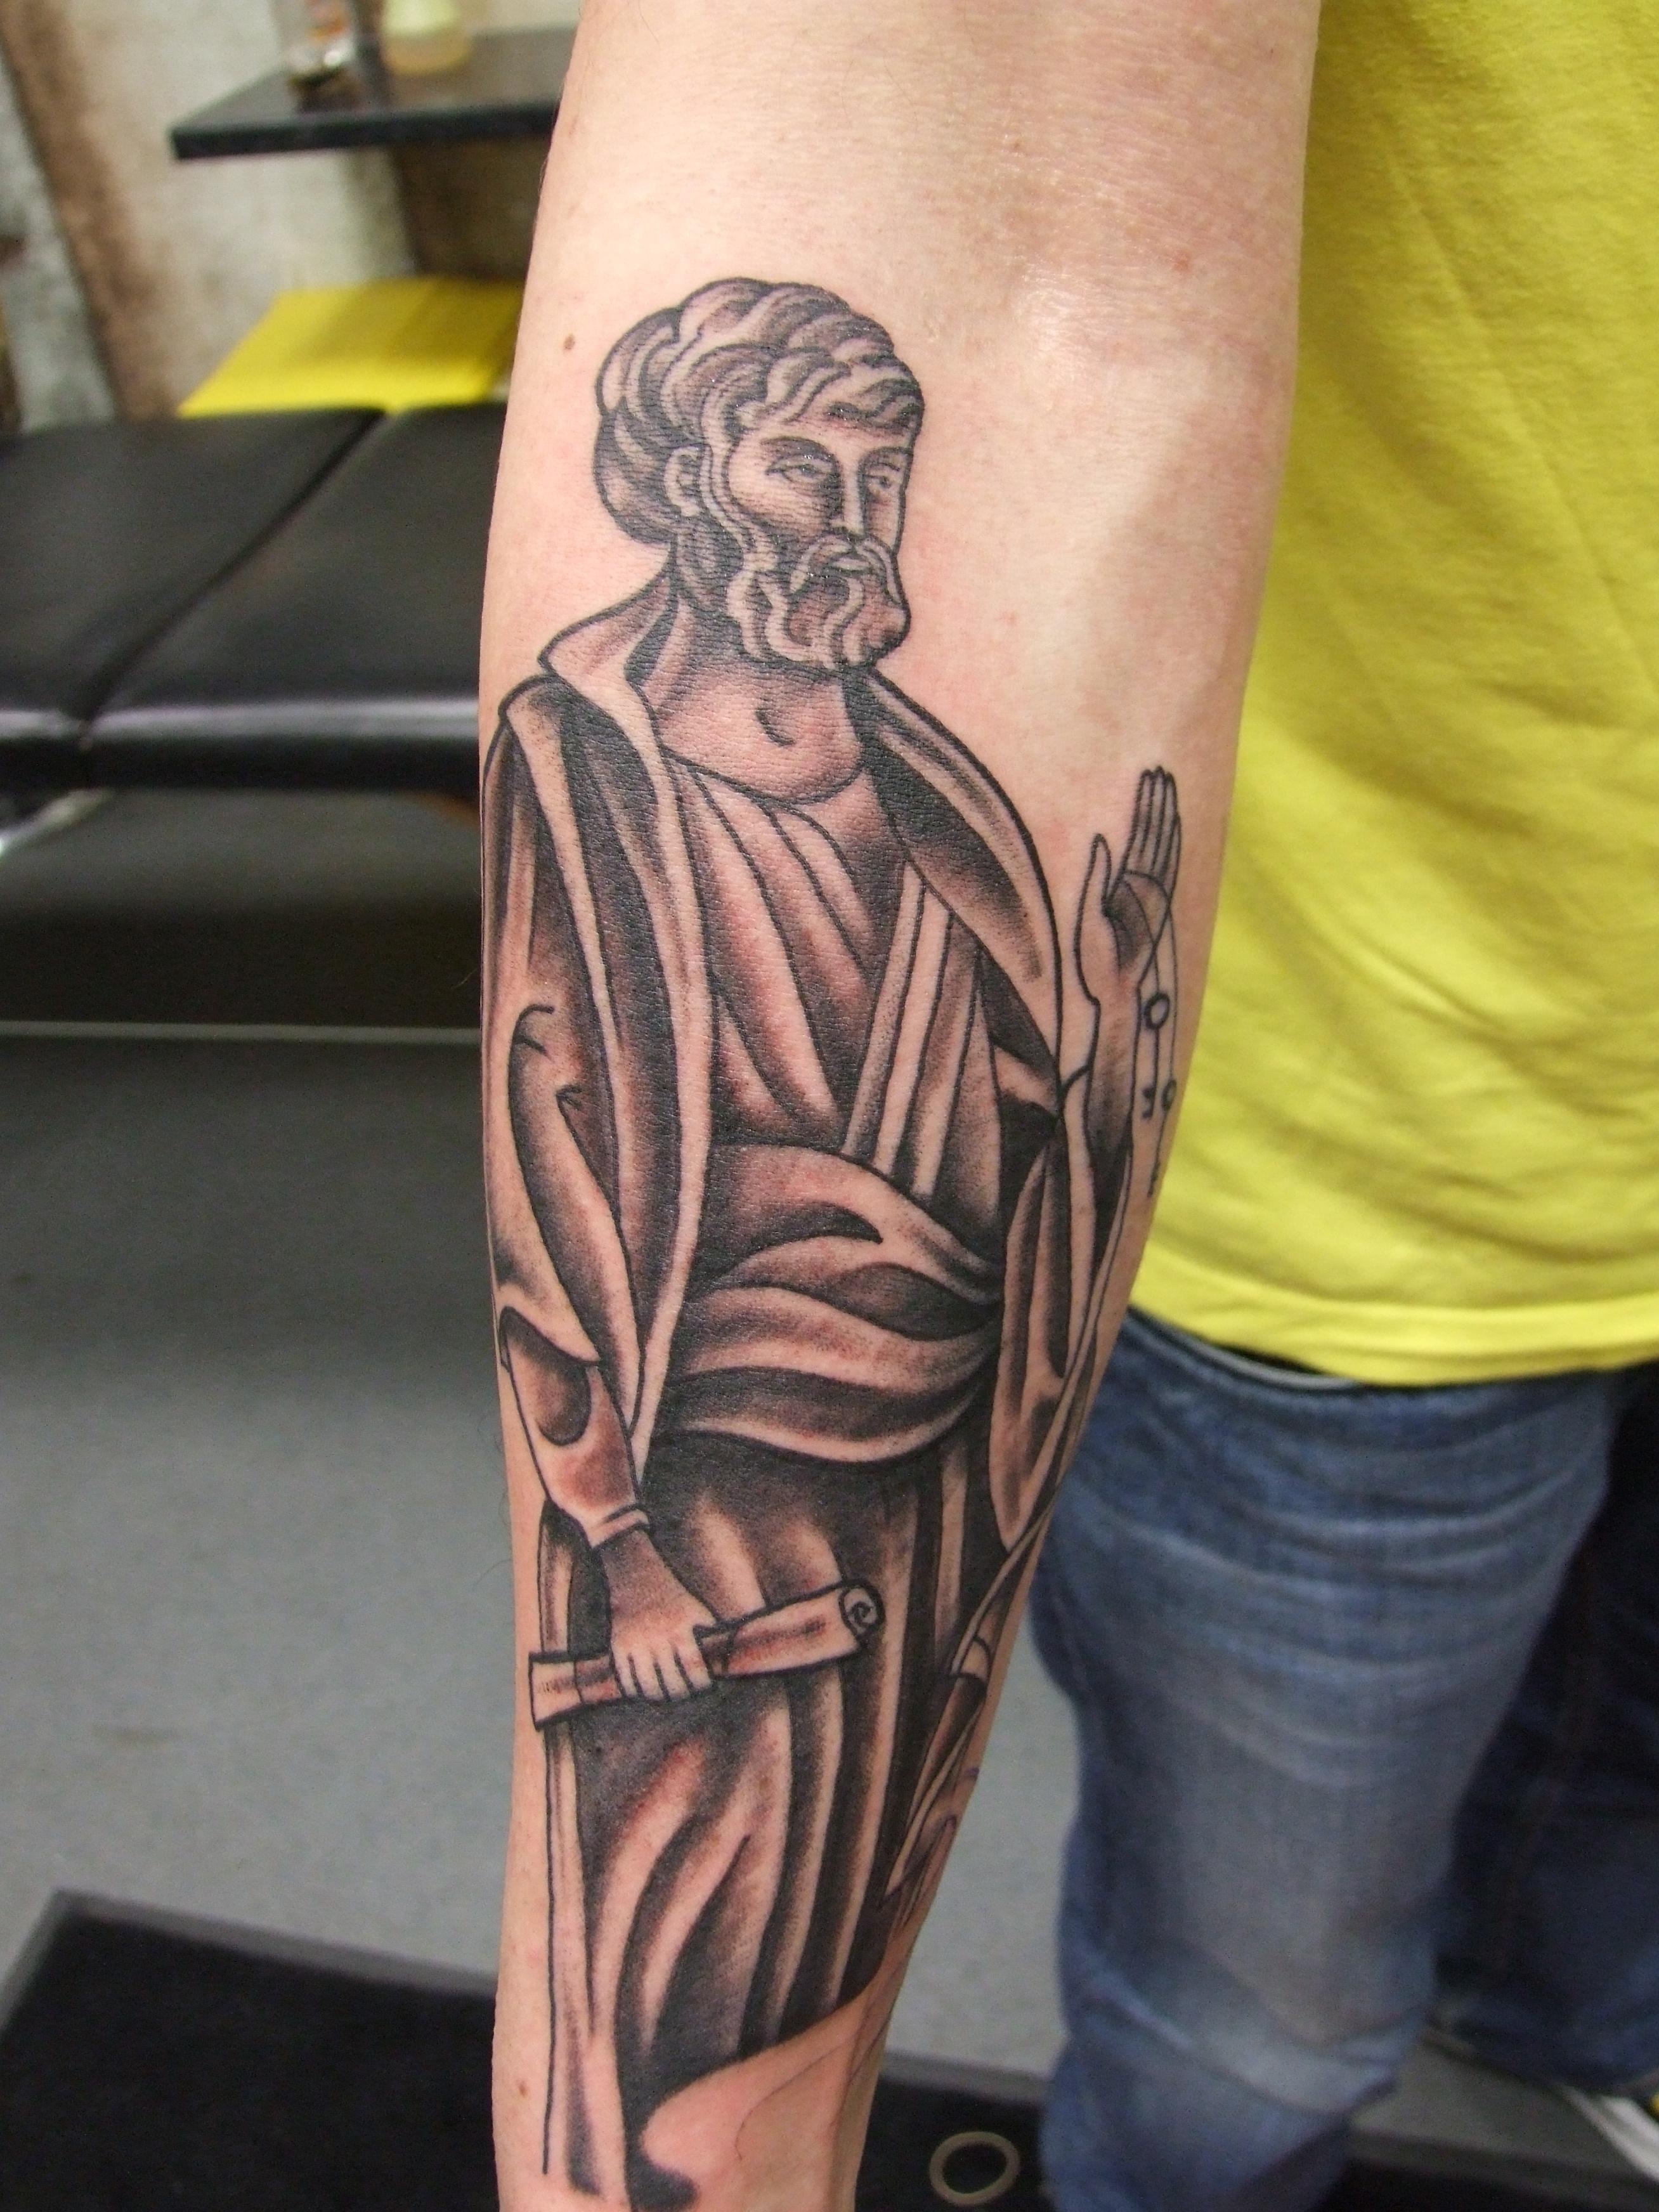 Saint peter tattoo for Tattoo shops in stl